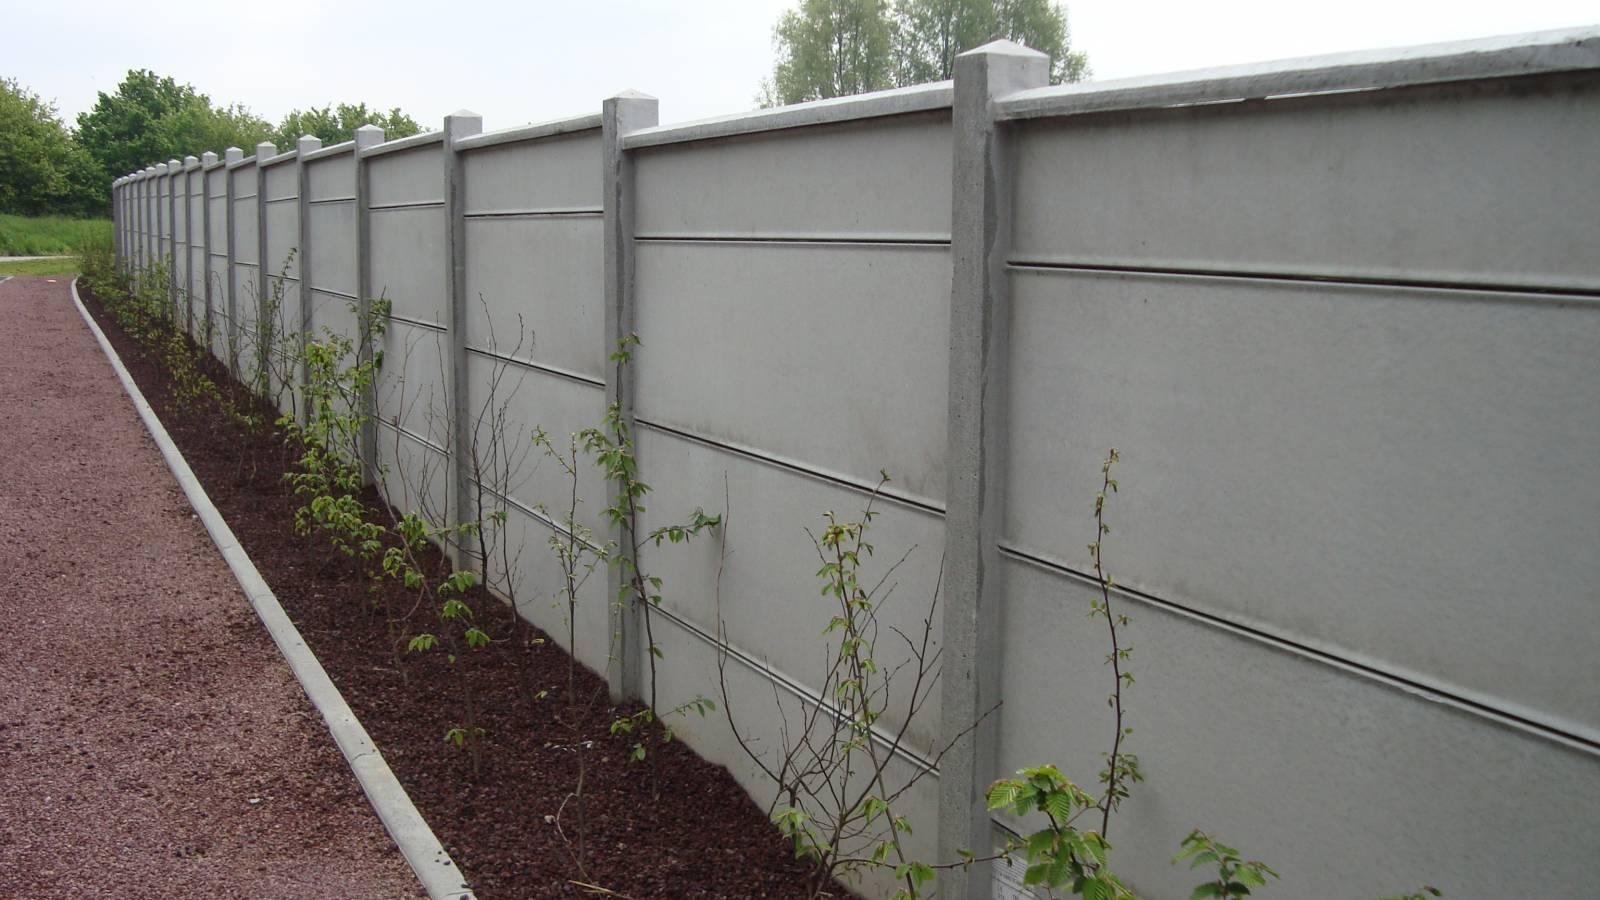 Mur En Plaques De Beton Clotures Bataille Serapportanta Plaque Beton Cloture Bricomarche Agencecormierdelauniere Com Agencecormierdelauniere Com